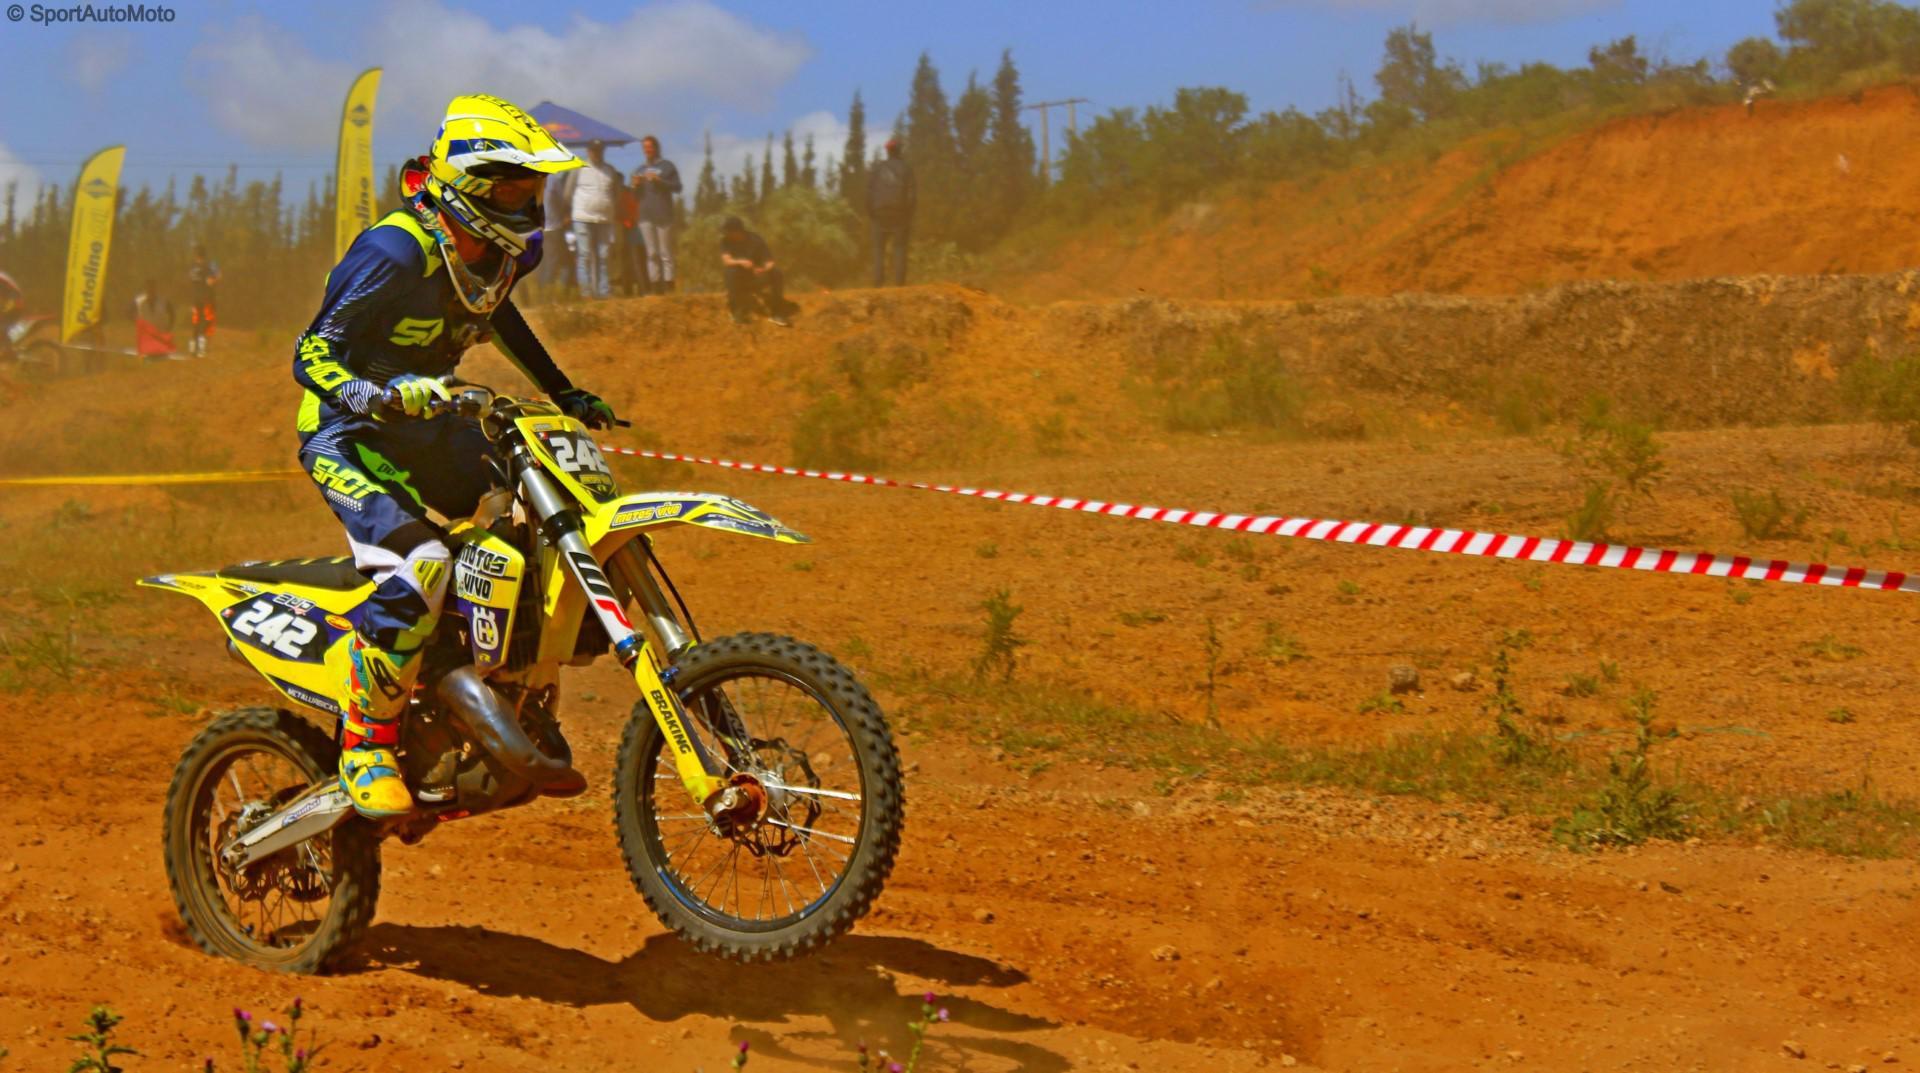 championnat-du-maroc-de-motocross-kenitra-774-15.jpg